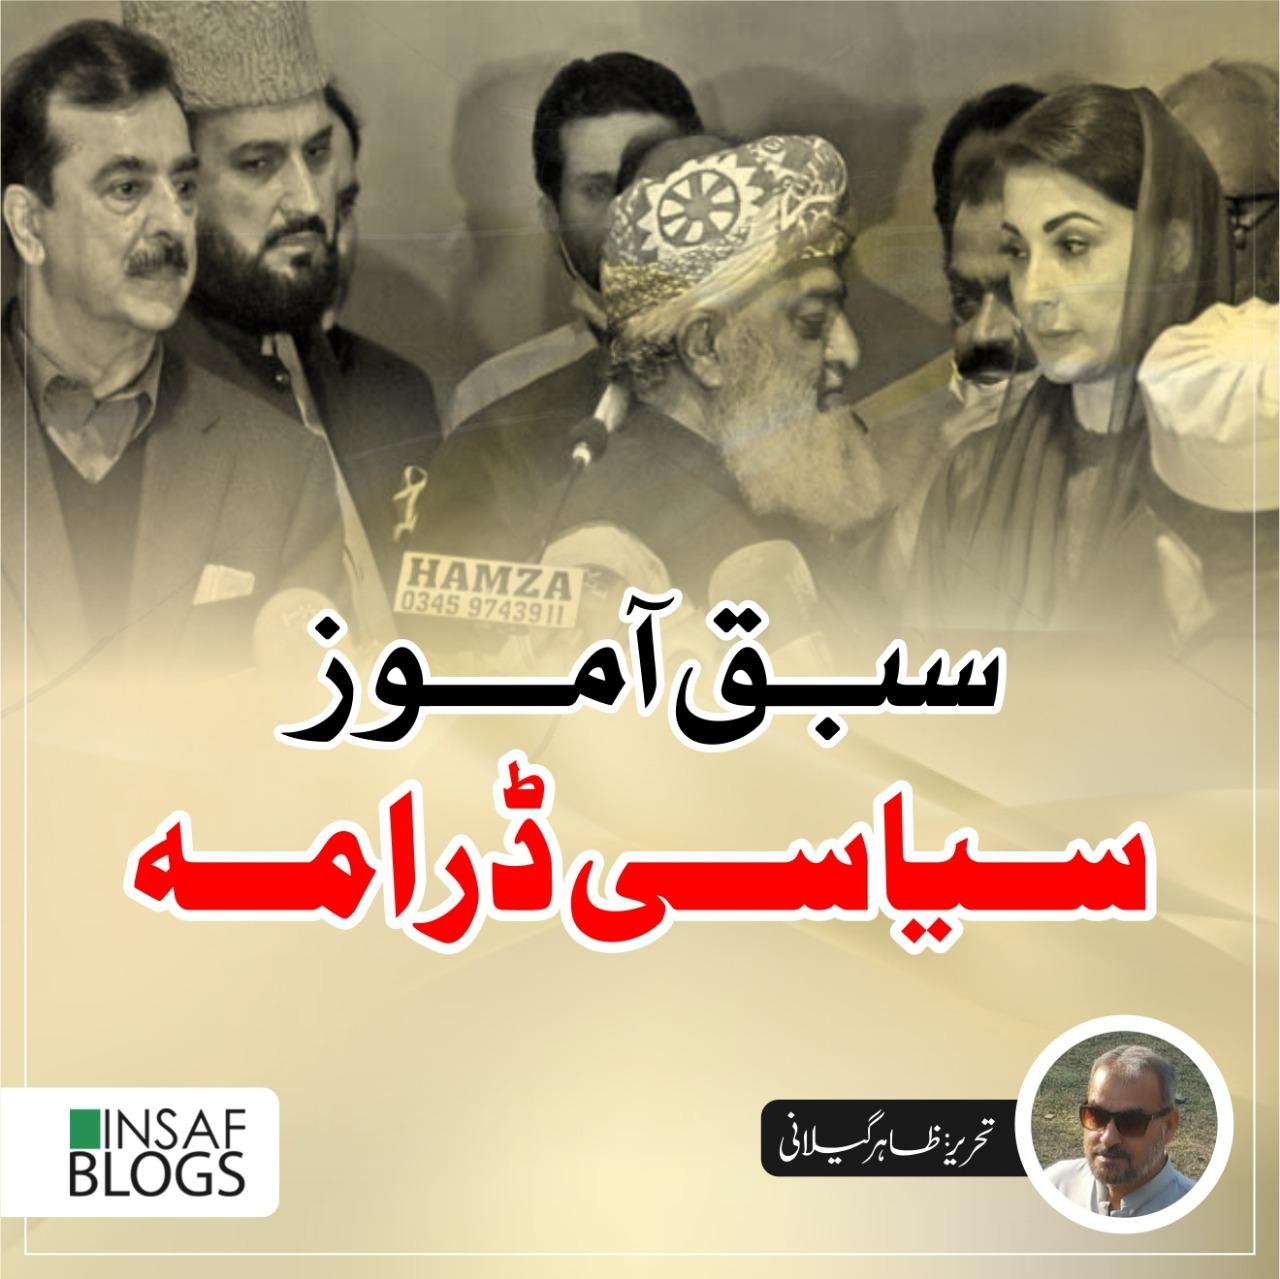 Sabaq Amoz Siasi Drama - Insaf Blog